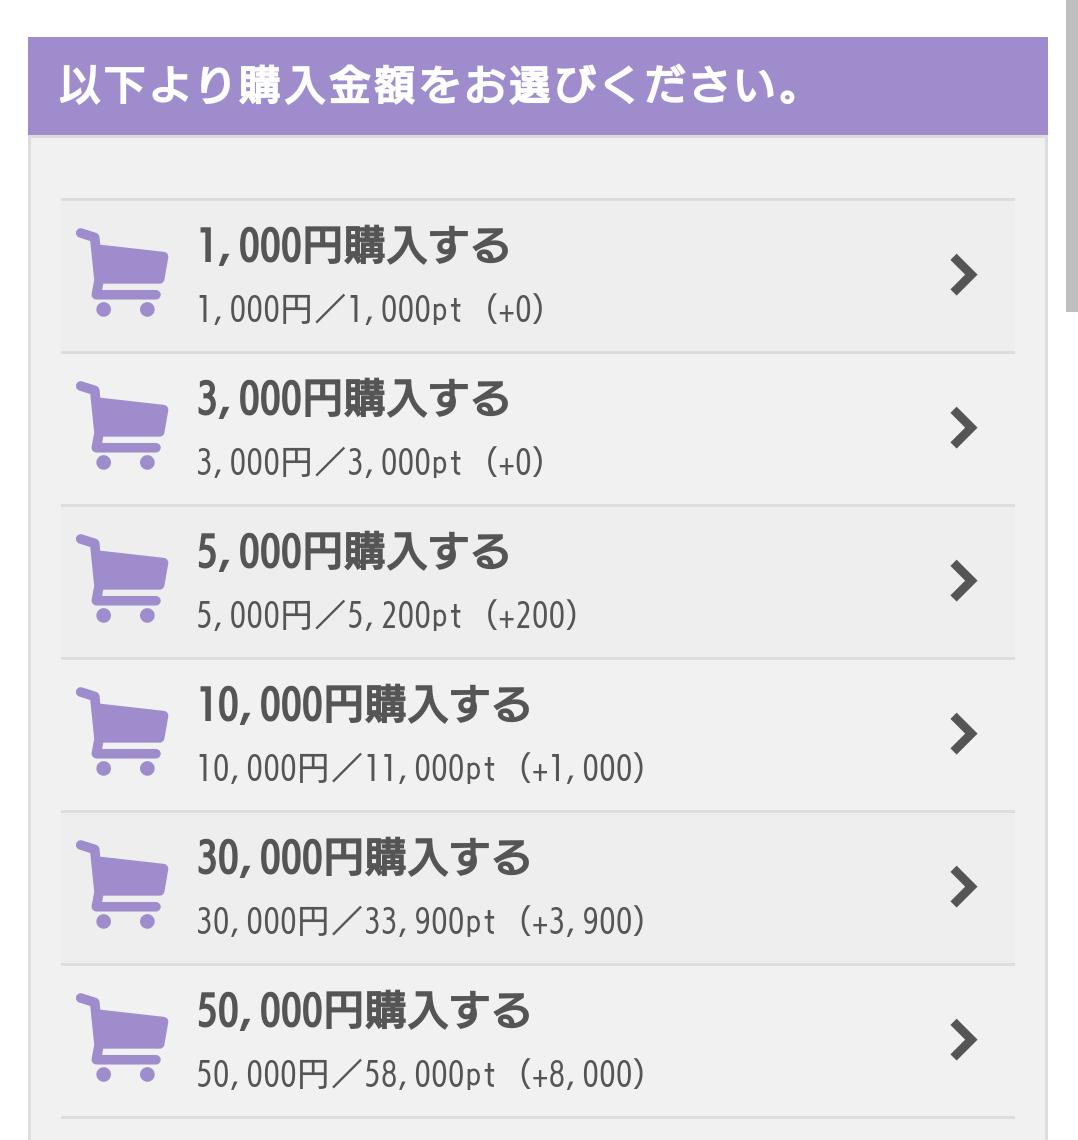 大阪で当たると評判の占い師藤堂玲子先生にお得に占ってもらう方法